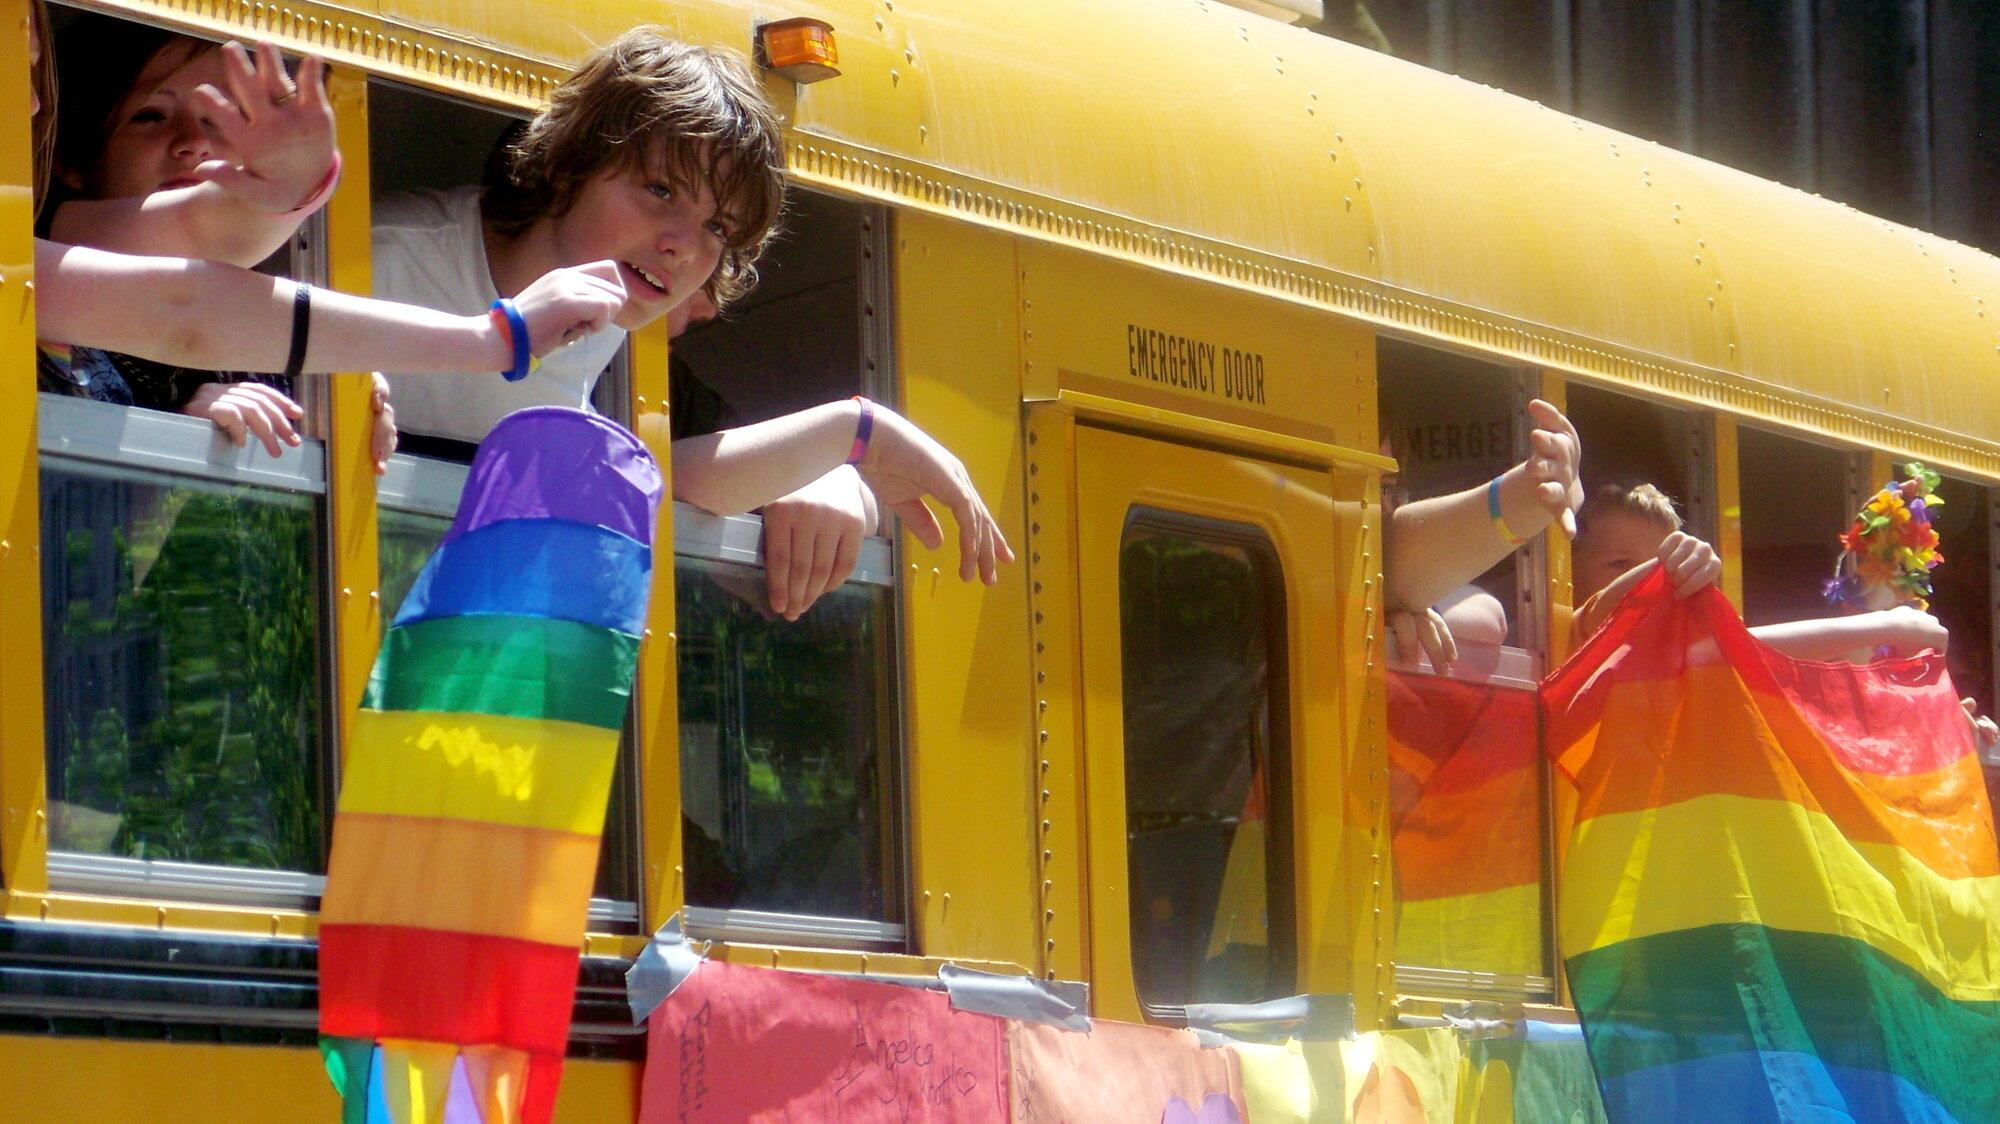 LGBTQ students on a school bus waving a rainbow flag